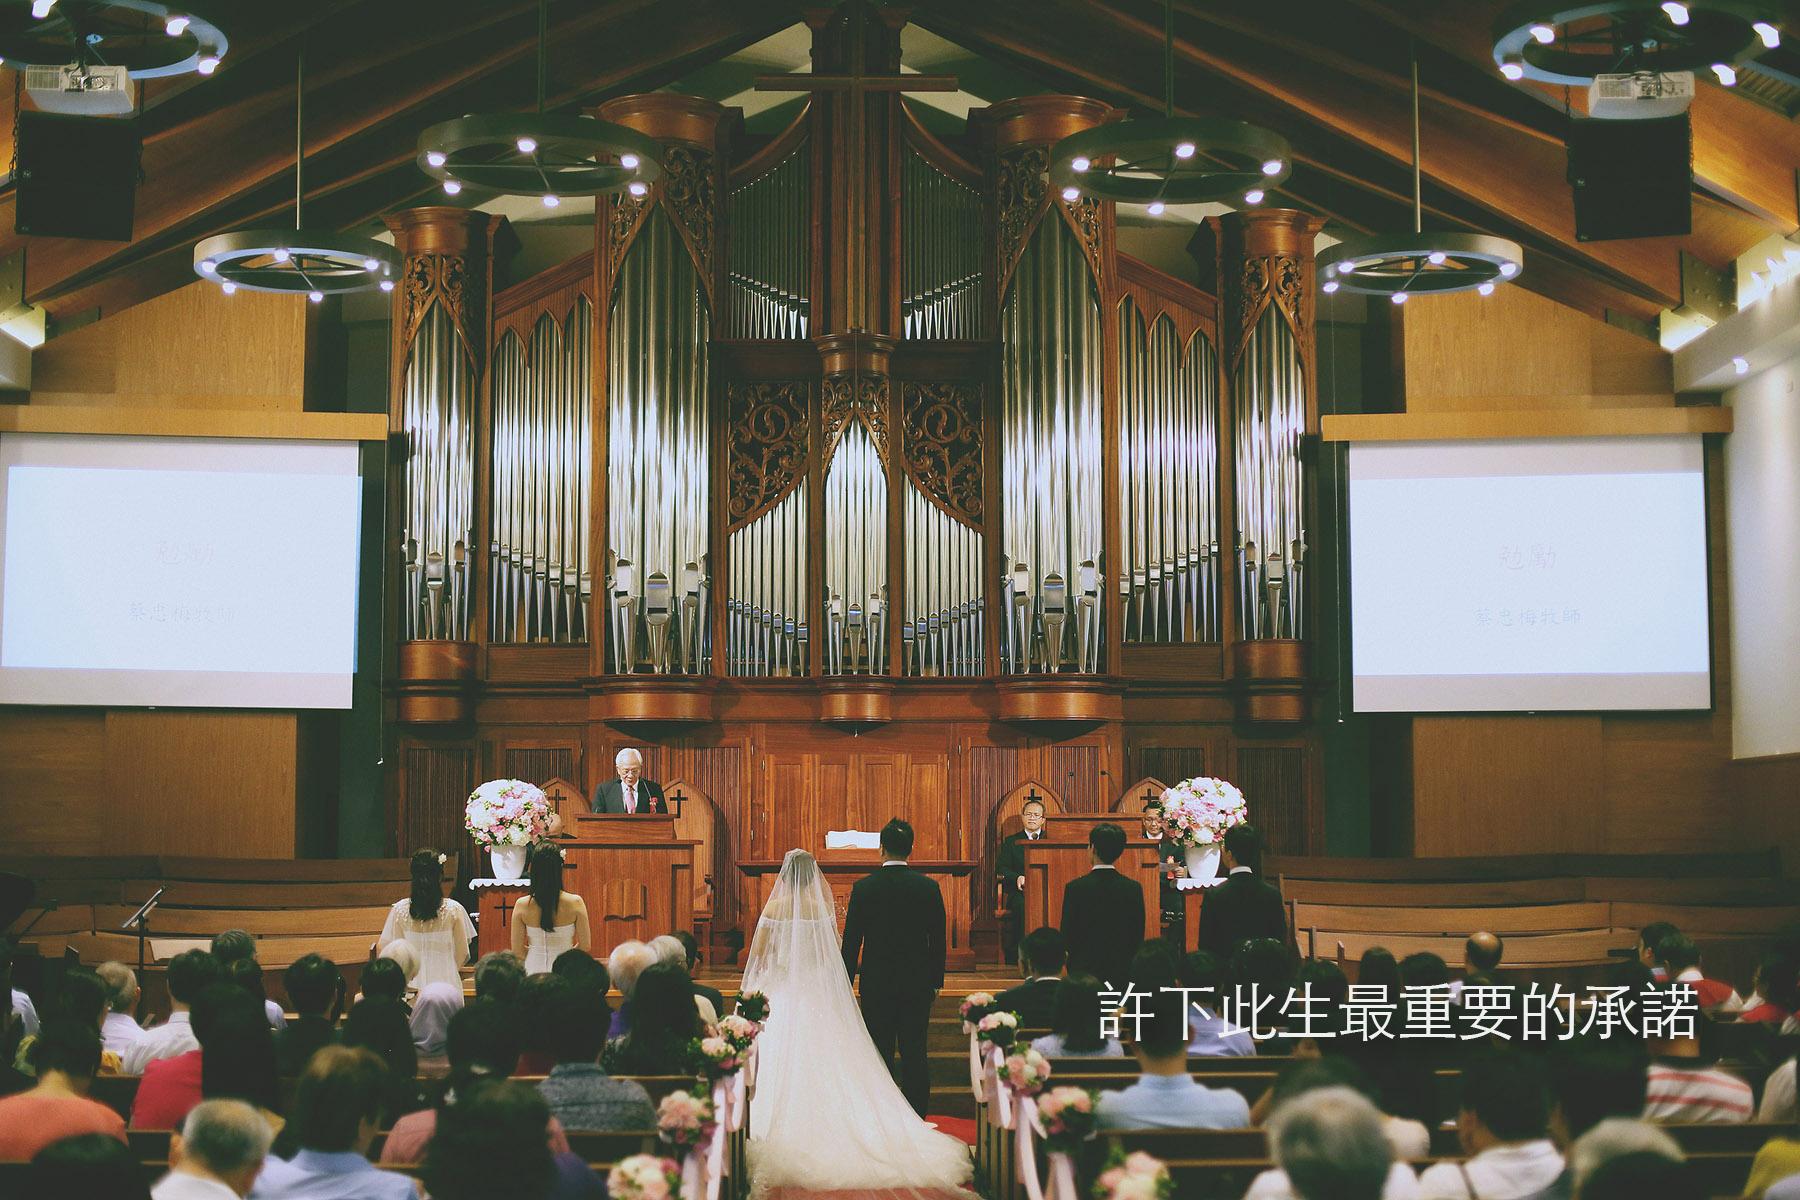 大稻埕教會,基督徒婚禮,盟約,底片婚攝,婚禮攝影,婚禮攝影師推薦,台北,婚攝推薦,婚禮紀錄,電影風格